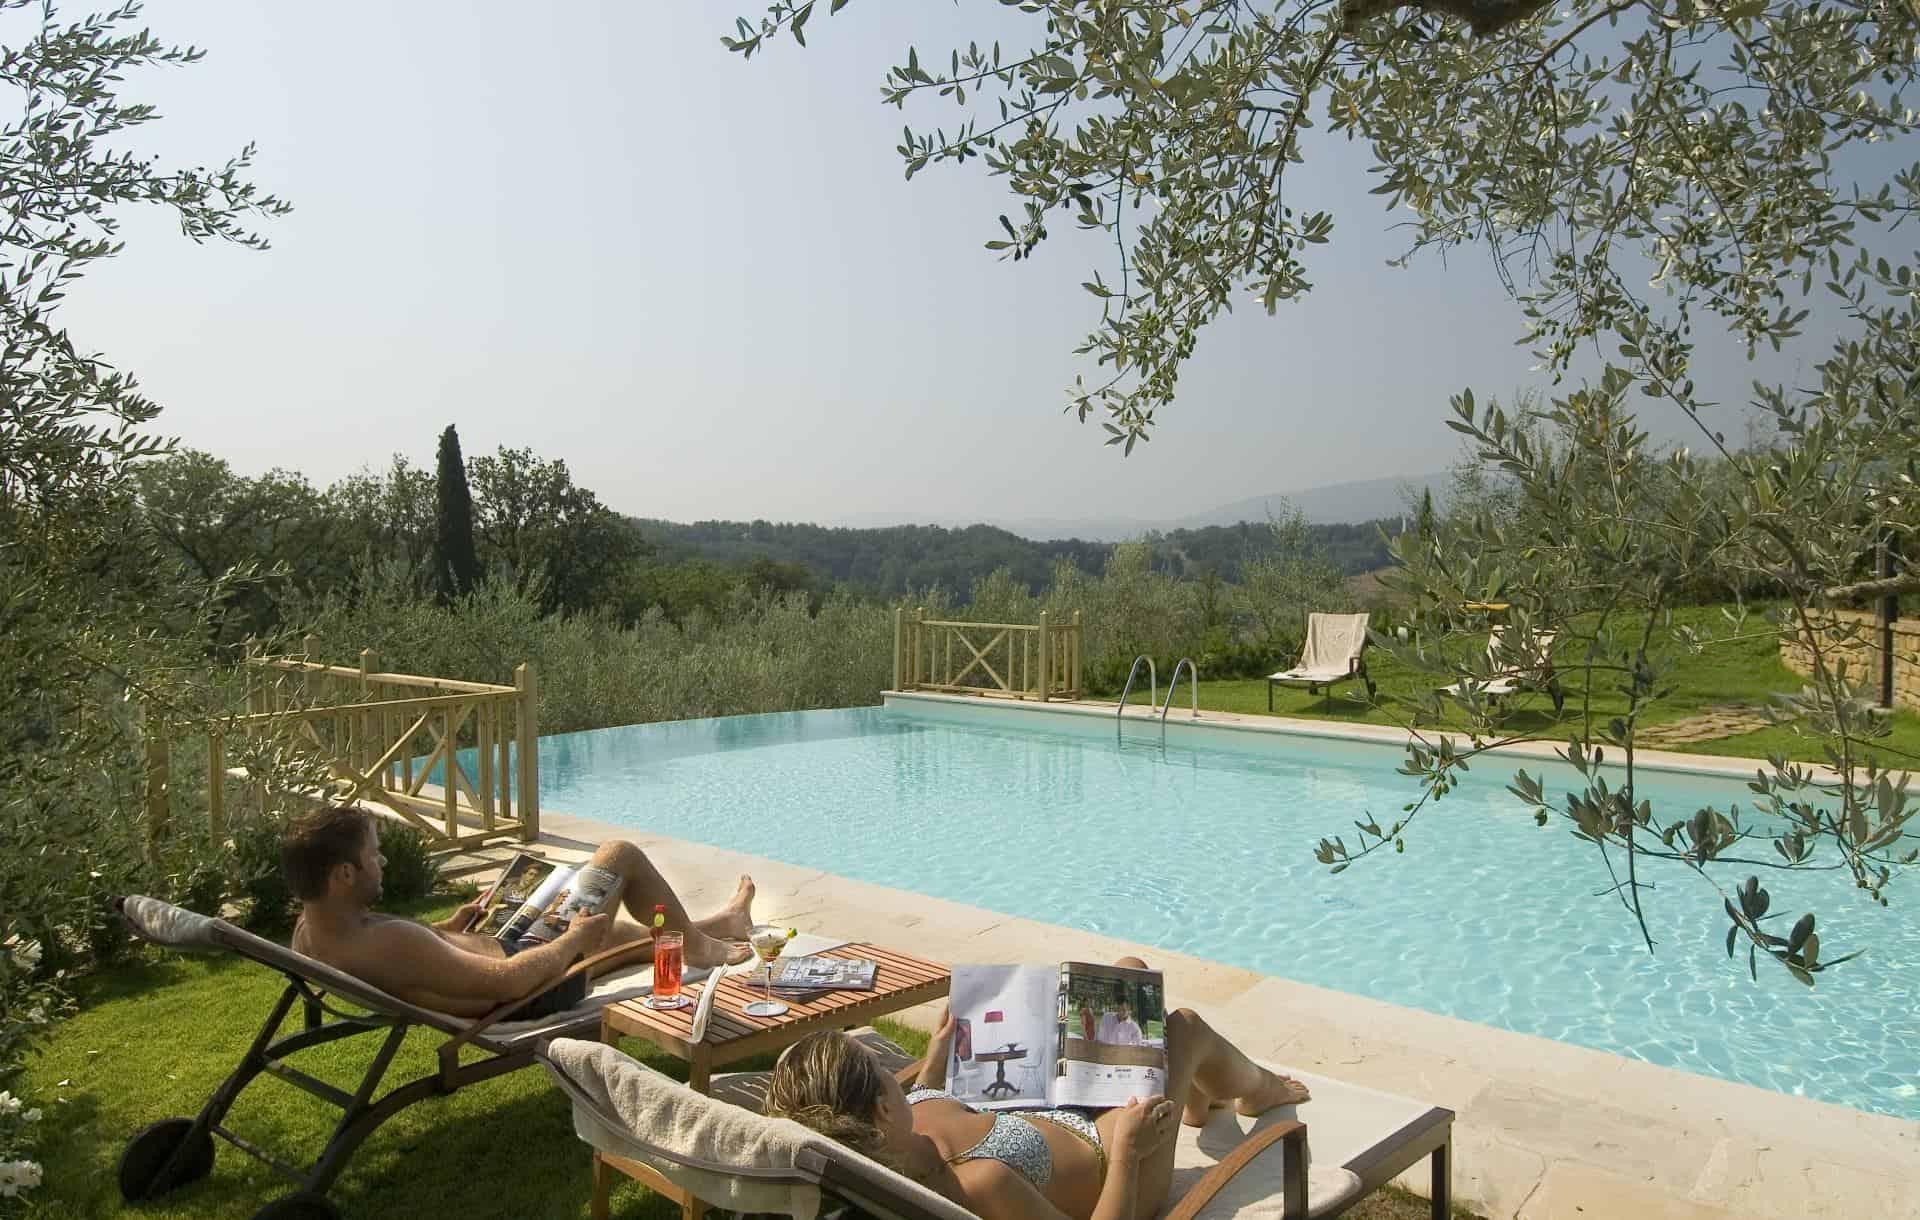 Hotel centro benessere toscana resort con spa in toscana e congressi villa la borghetta - Hotel con piscina toscana ...